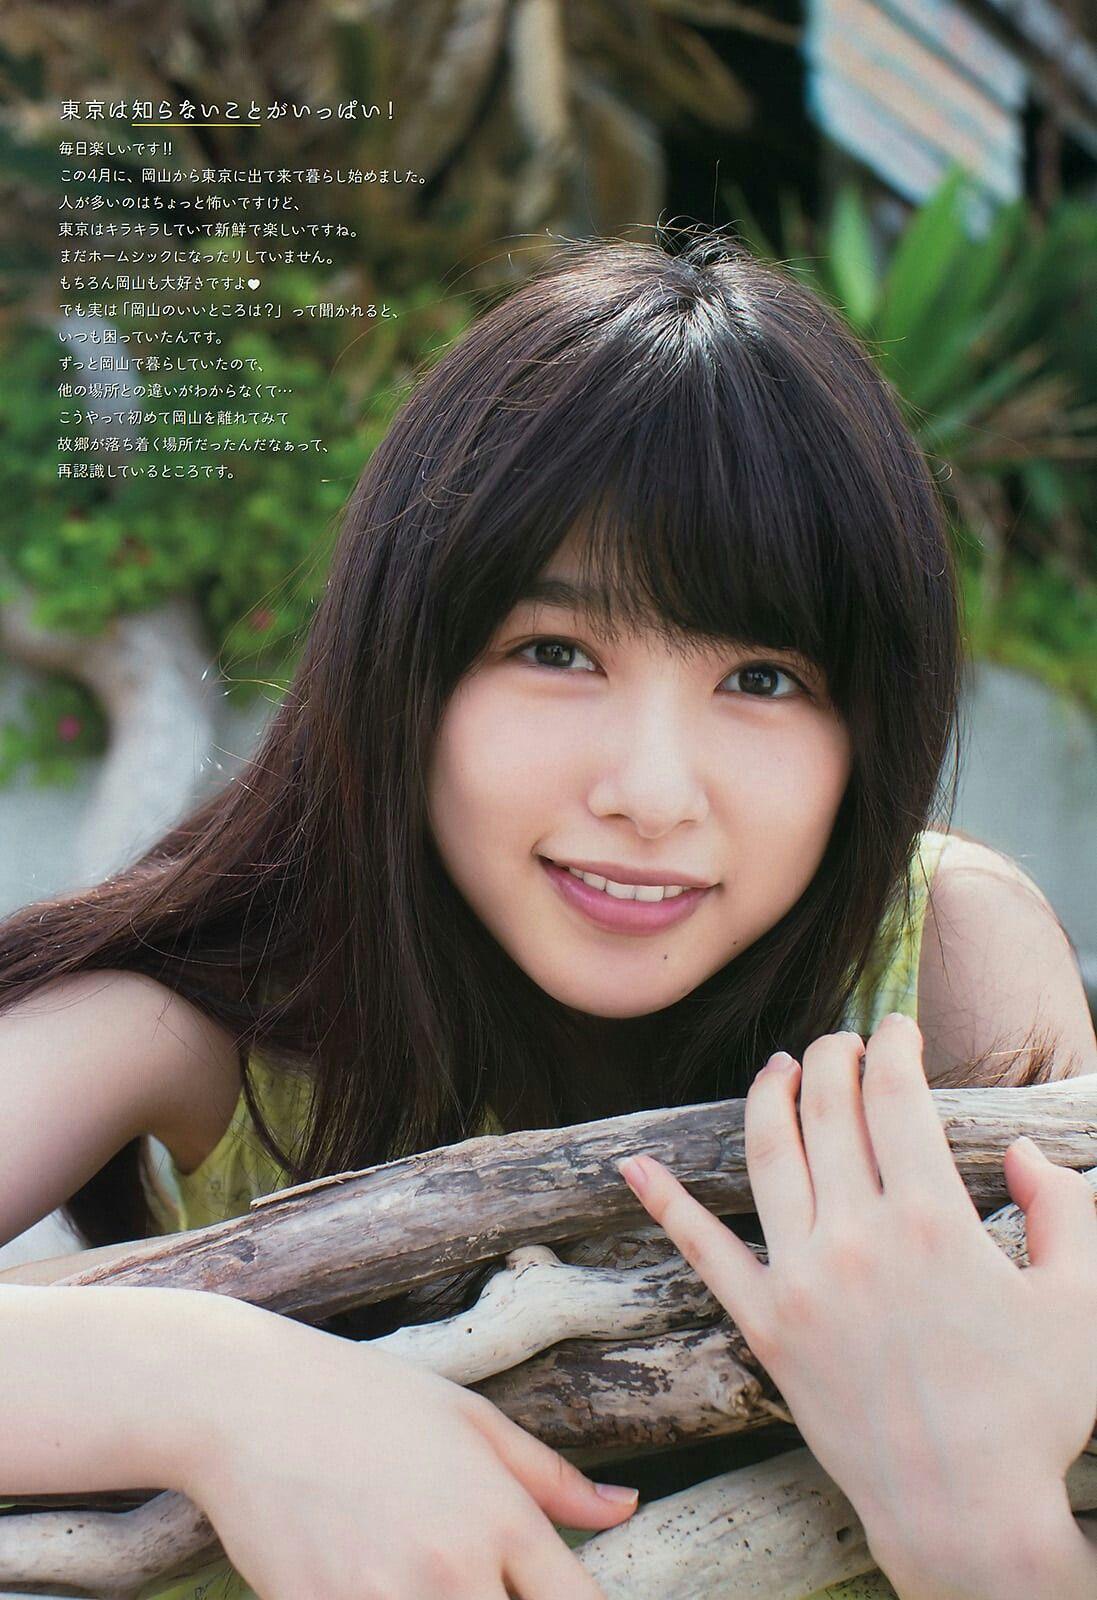 桜井日奈子hinako_sakurai   女優, 桜井, グラビア写真